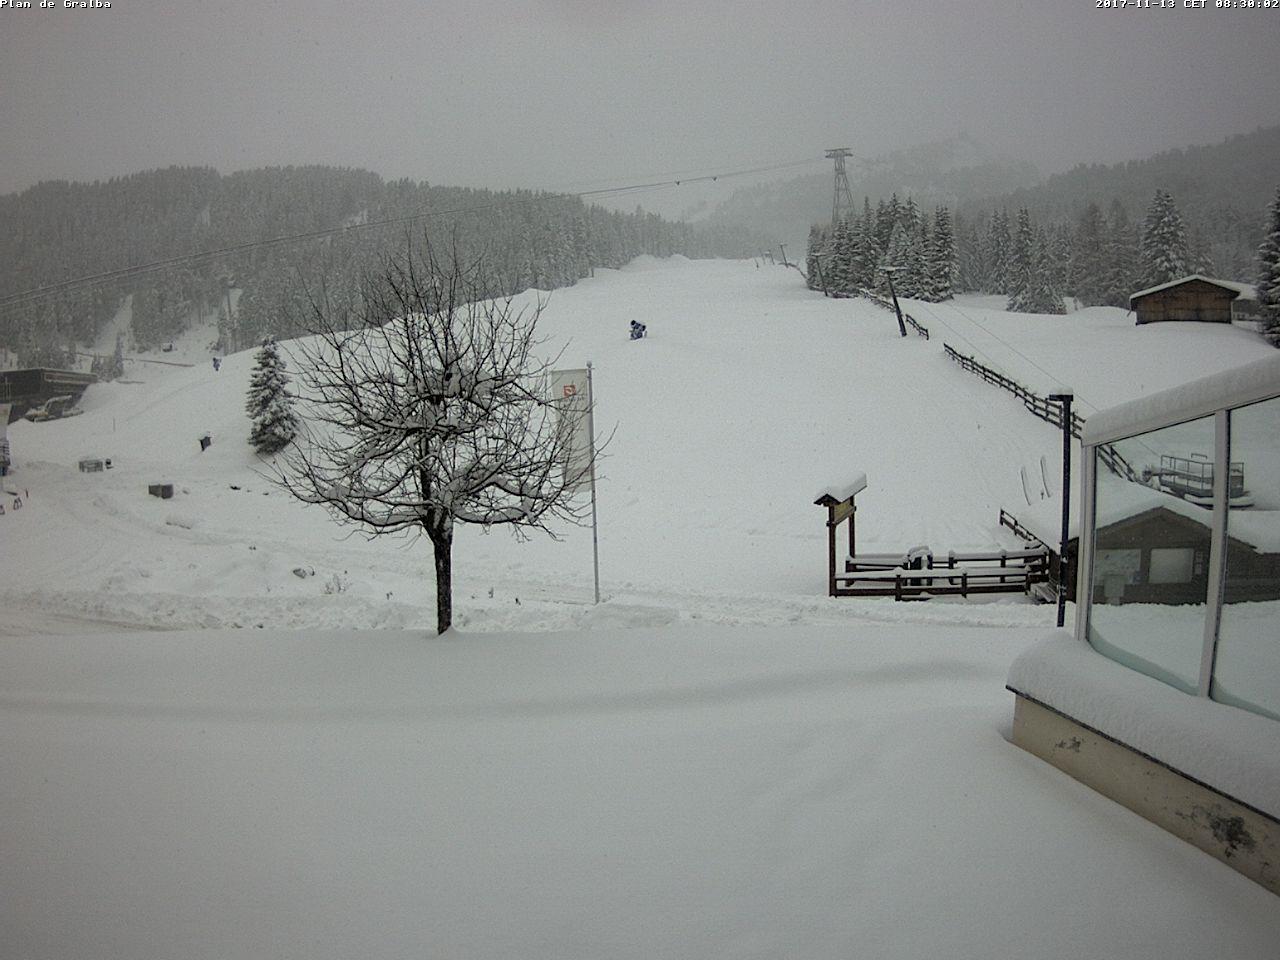 Neve in Val Gardena - Plan de Gralba, 13.11.2017